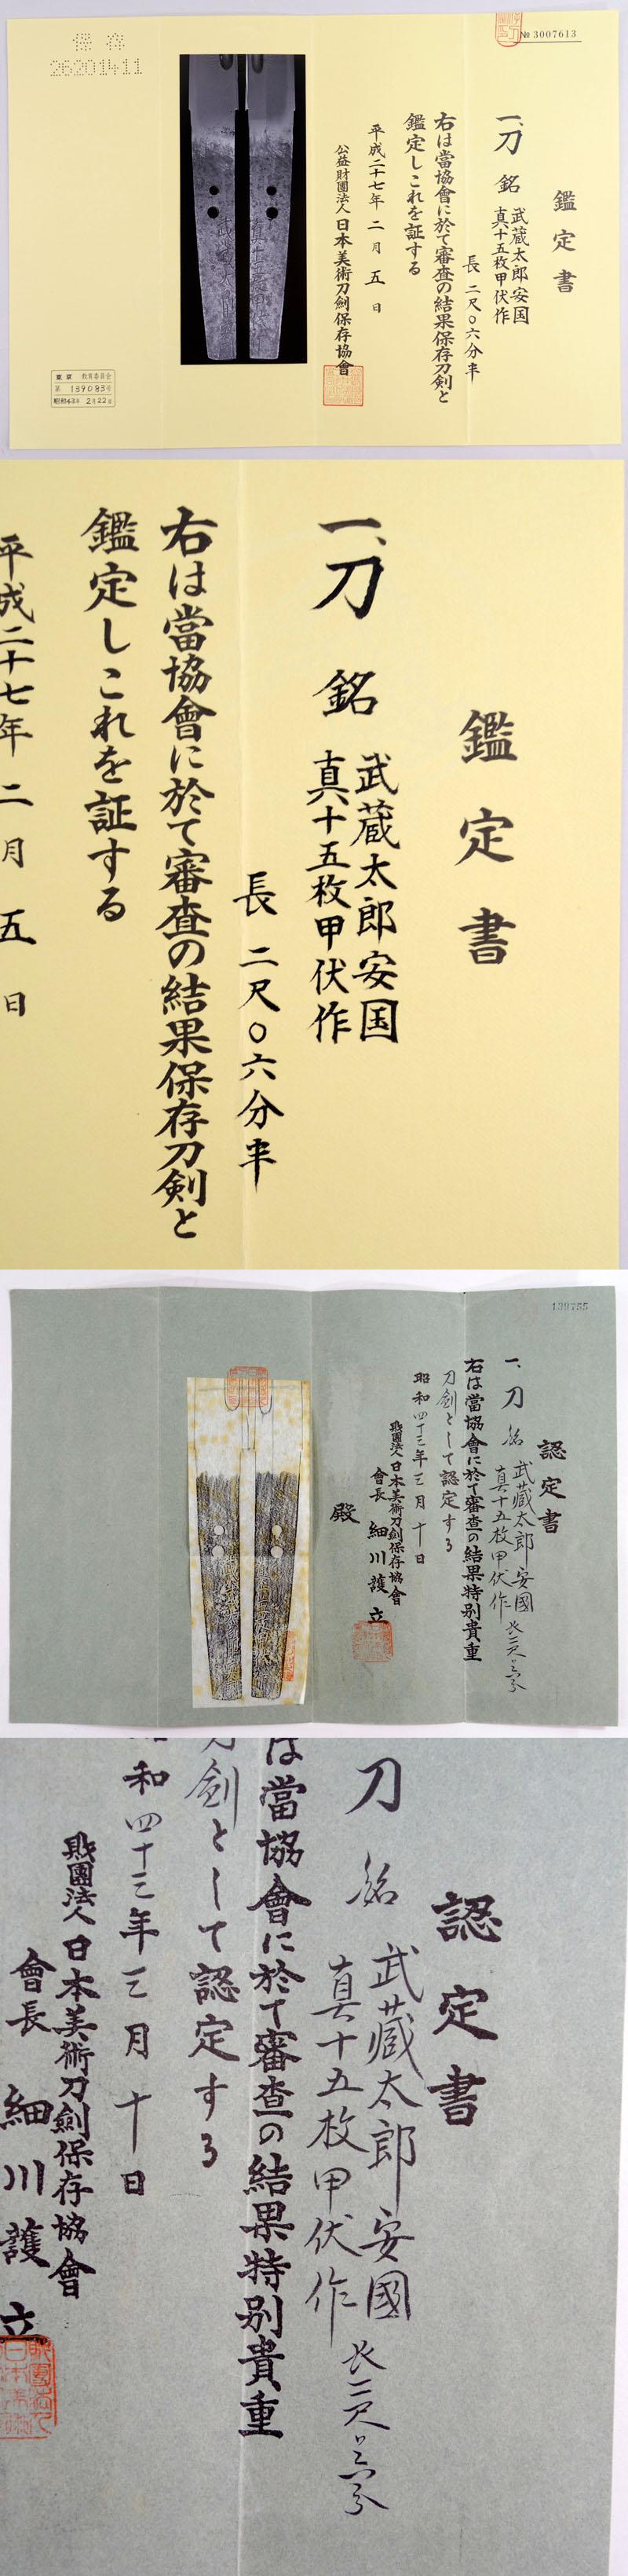 武蔵太郎安国 Picture of Certificate